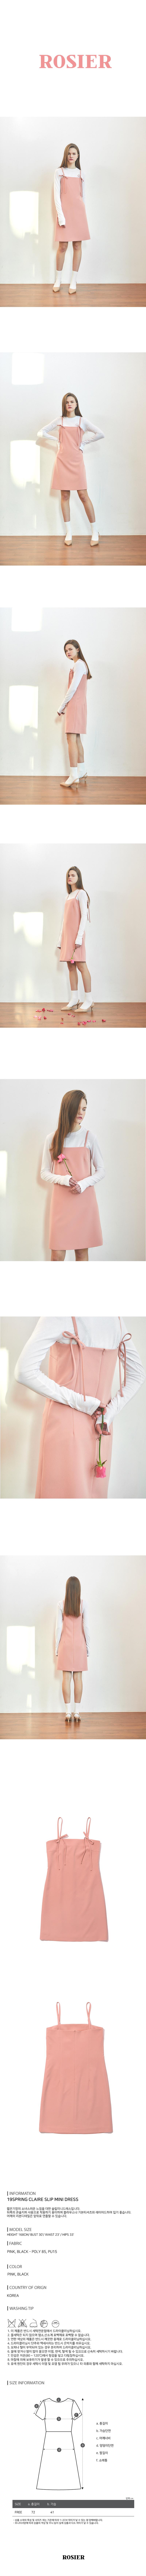 로지에(ROSIER) 19spring claire slip mini dress pink